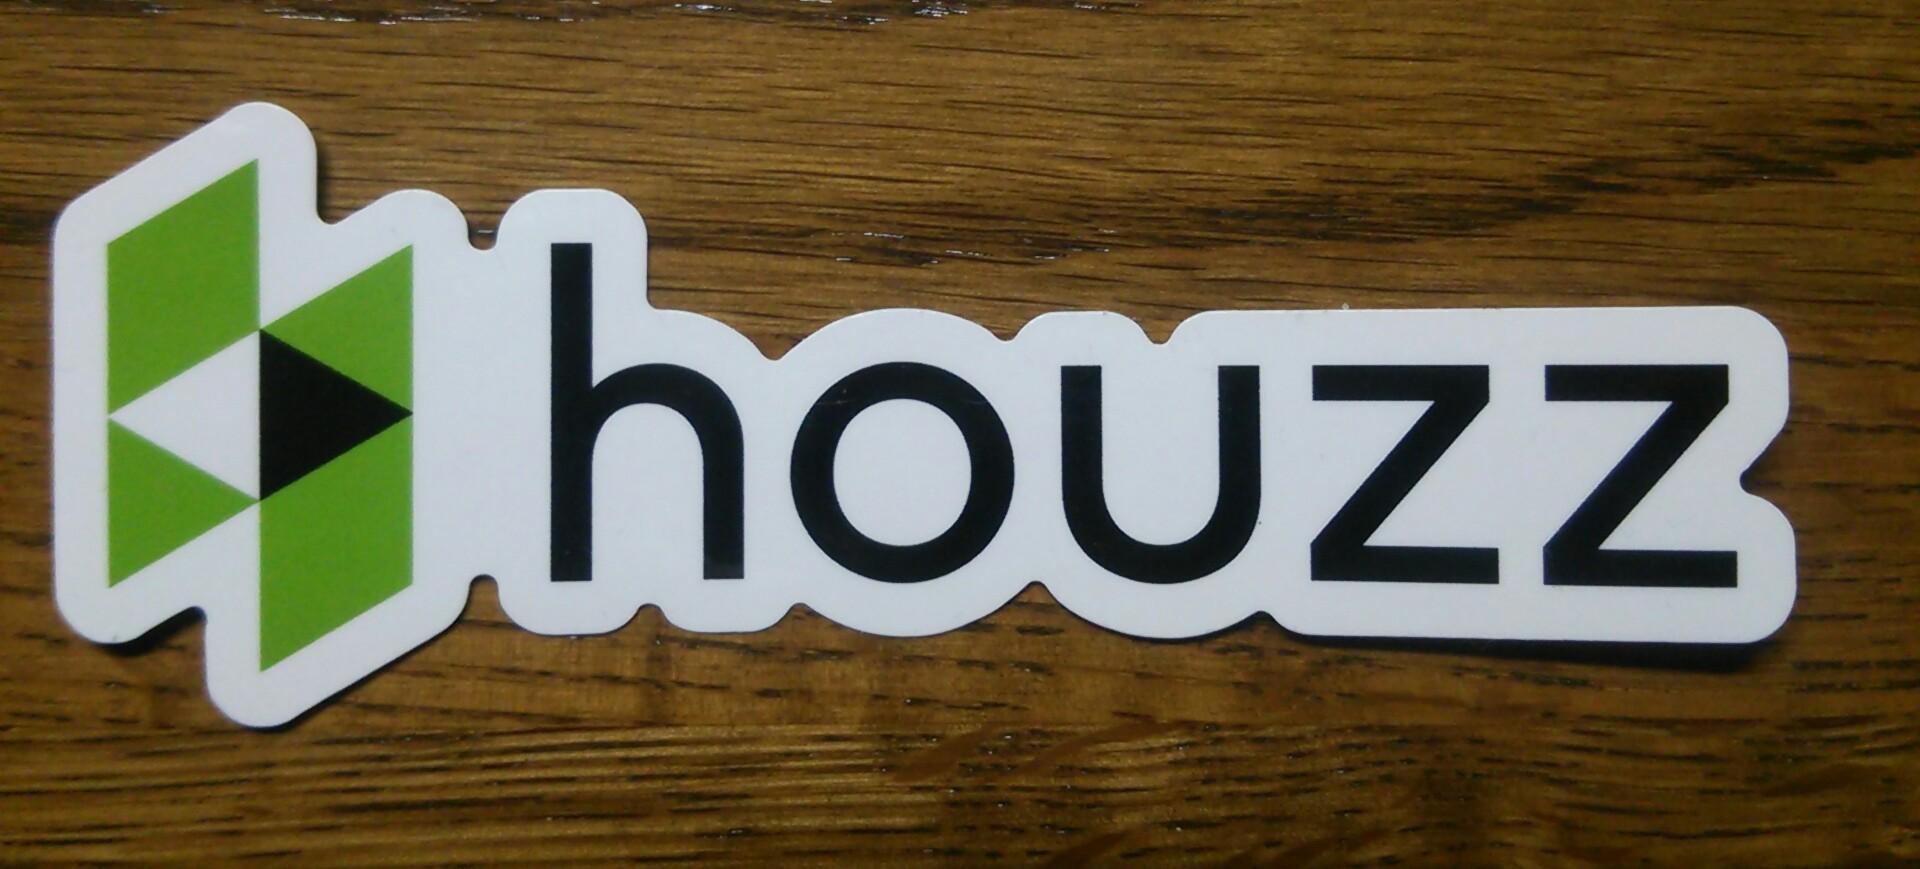 「Houzz」プロフェッショナルの集い